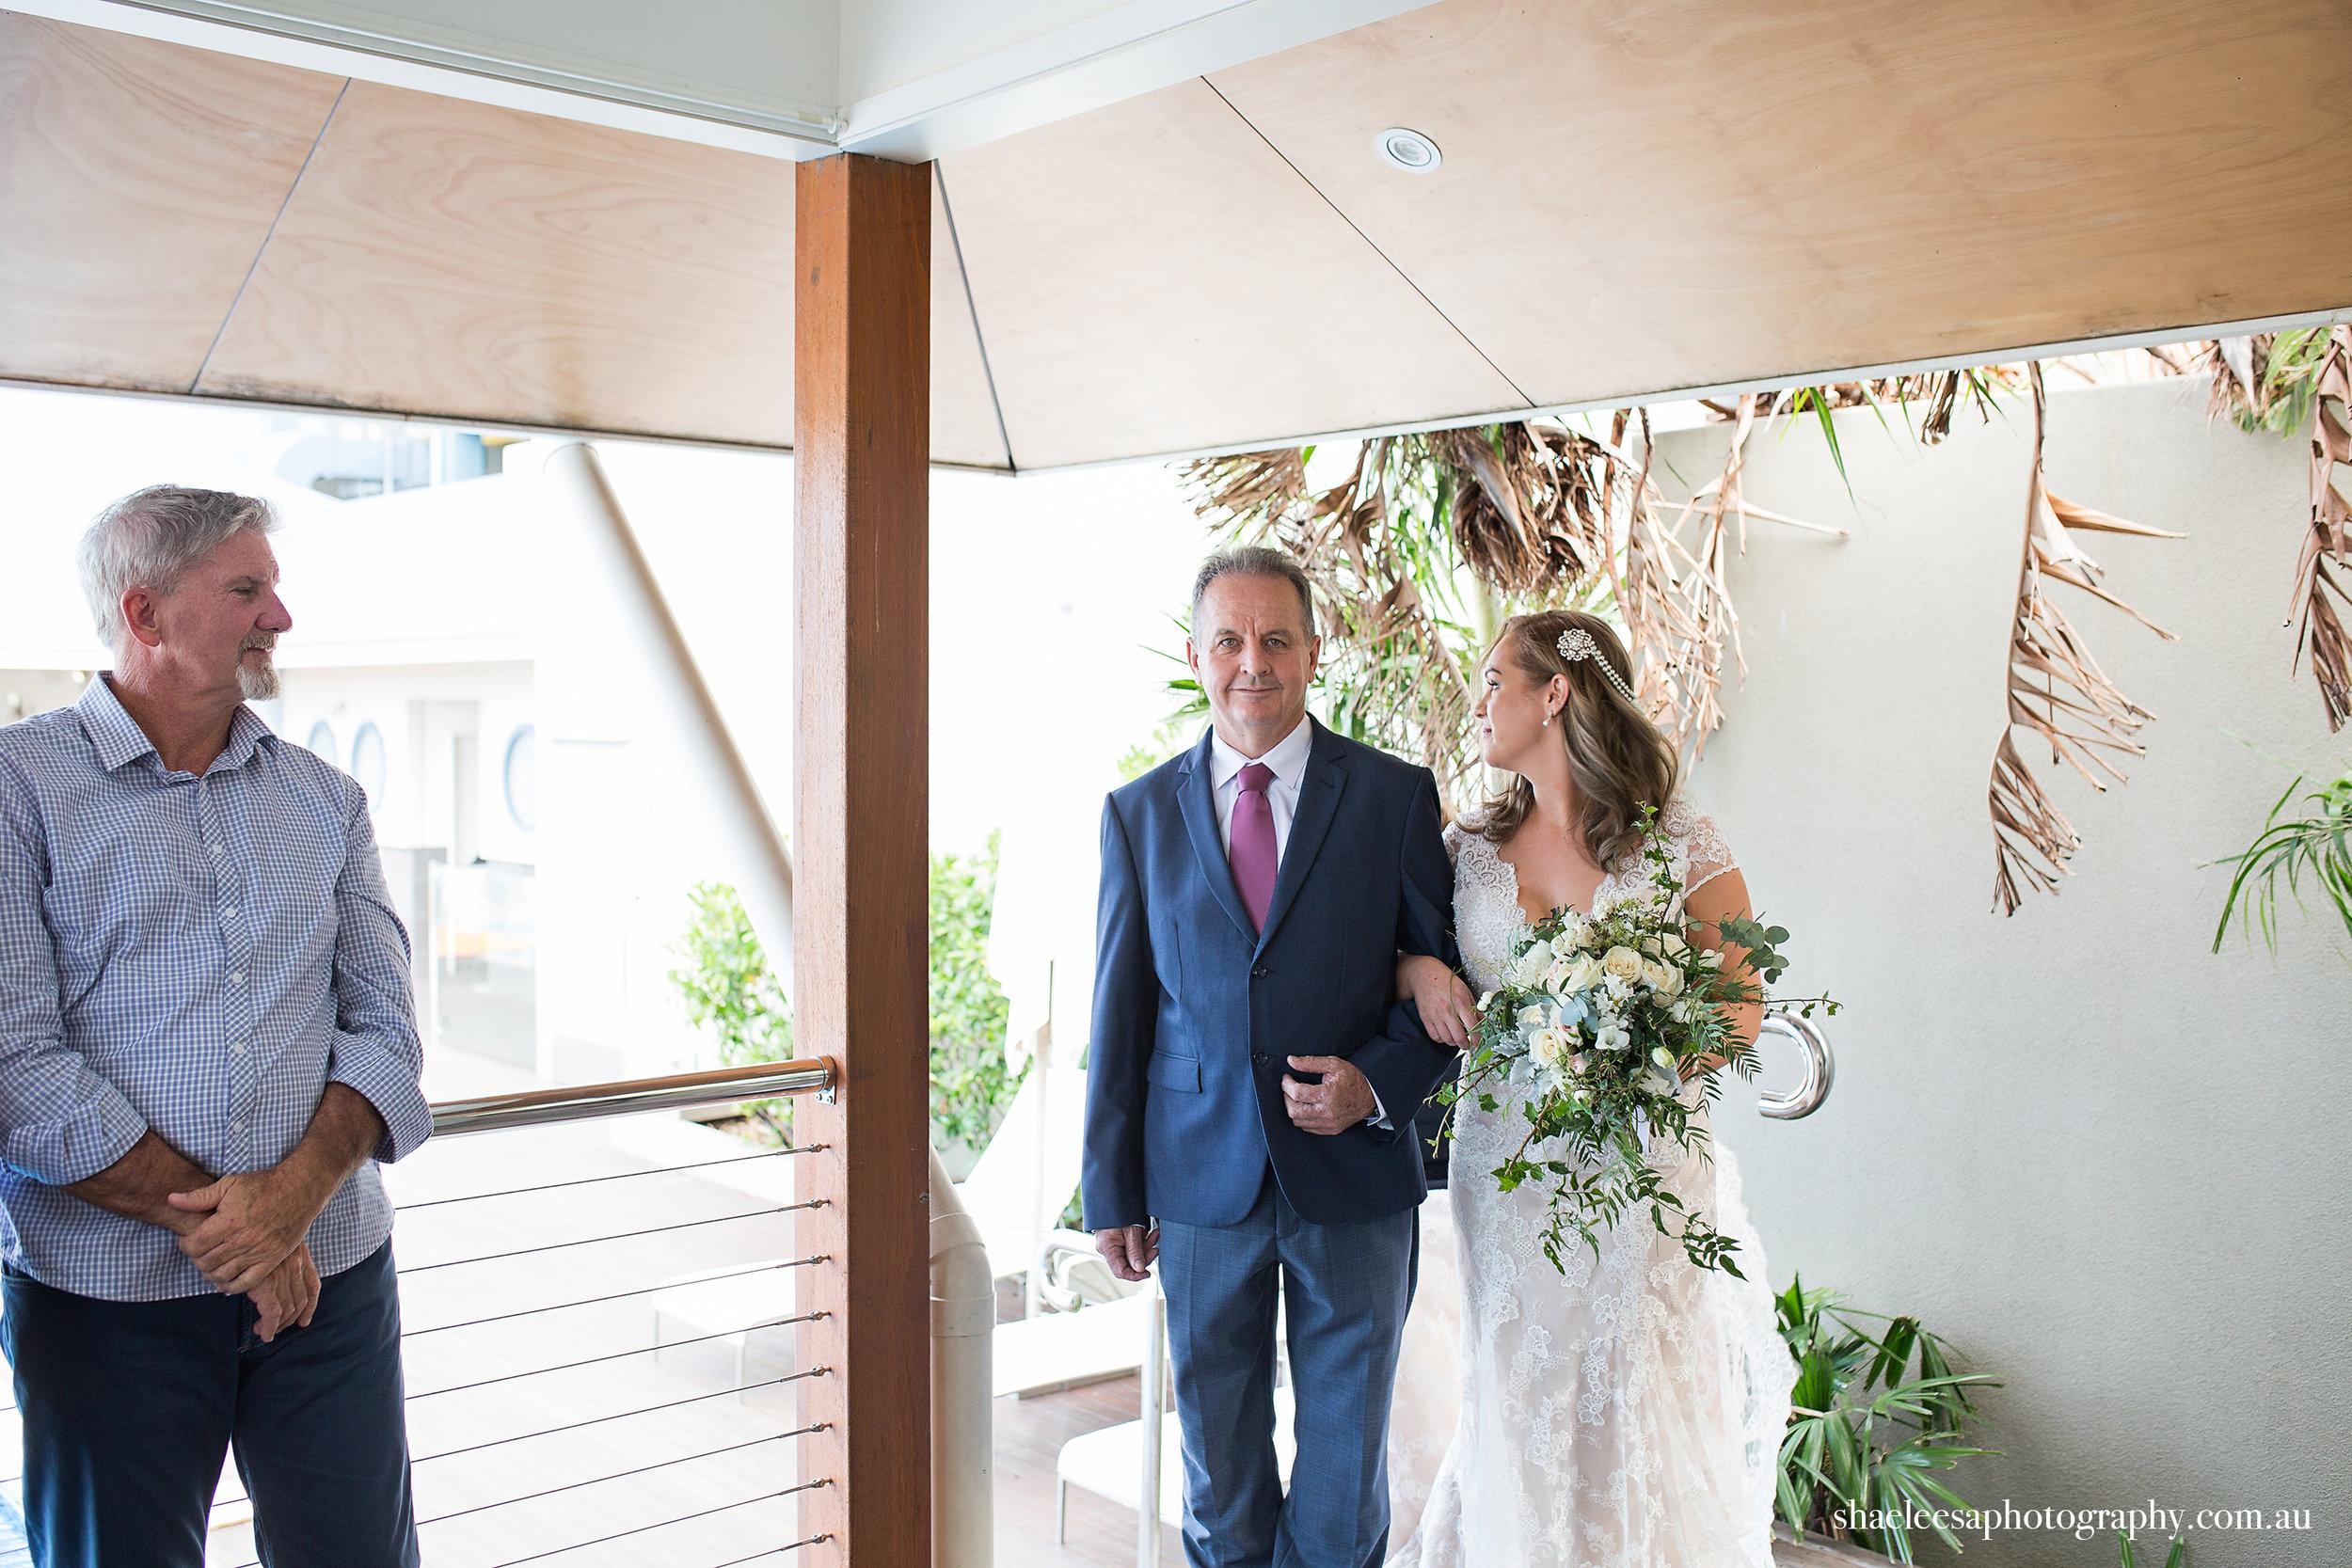 WeddingsByShae_053_McDermid2017.jpg